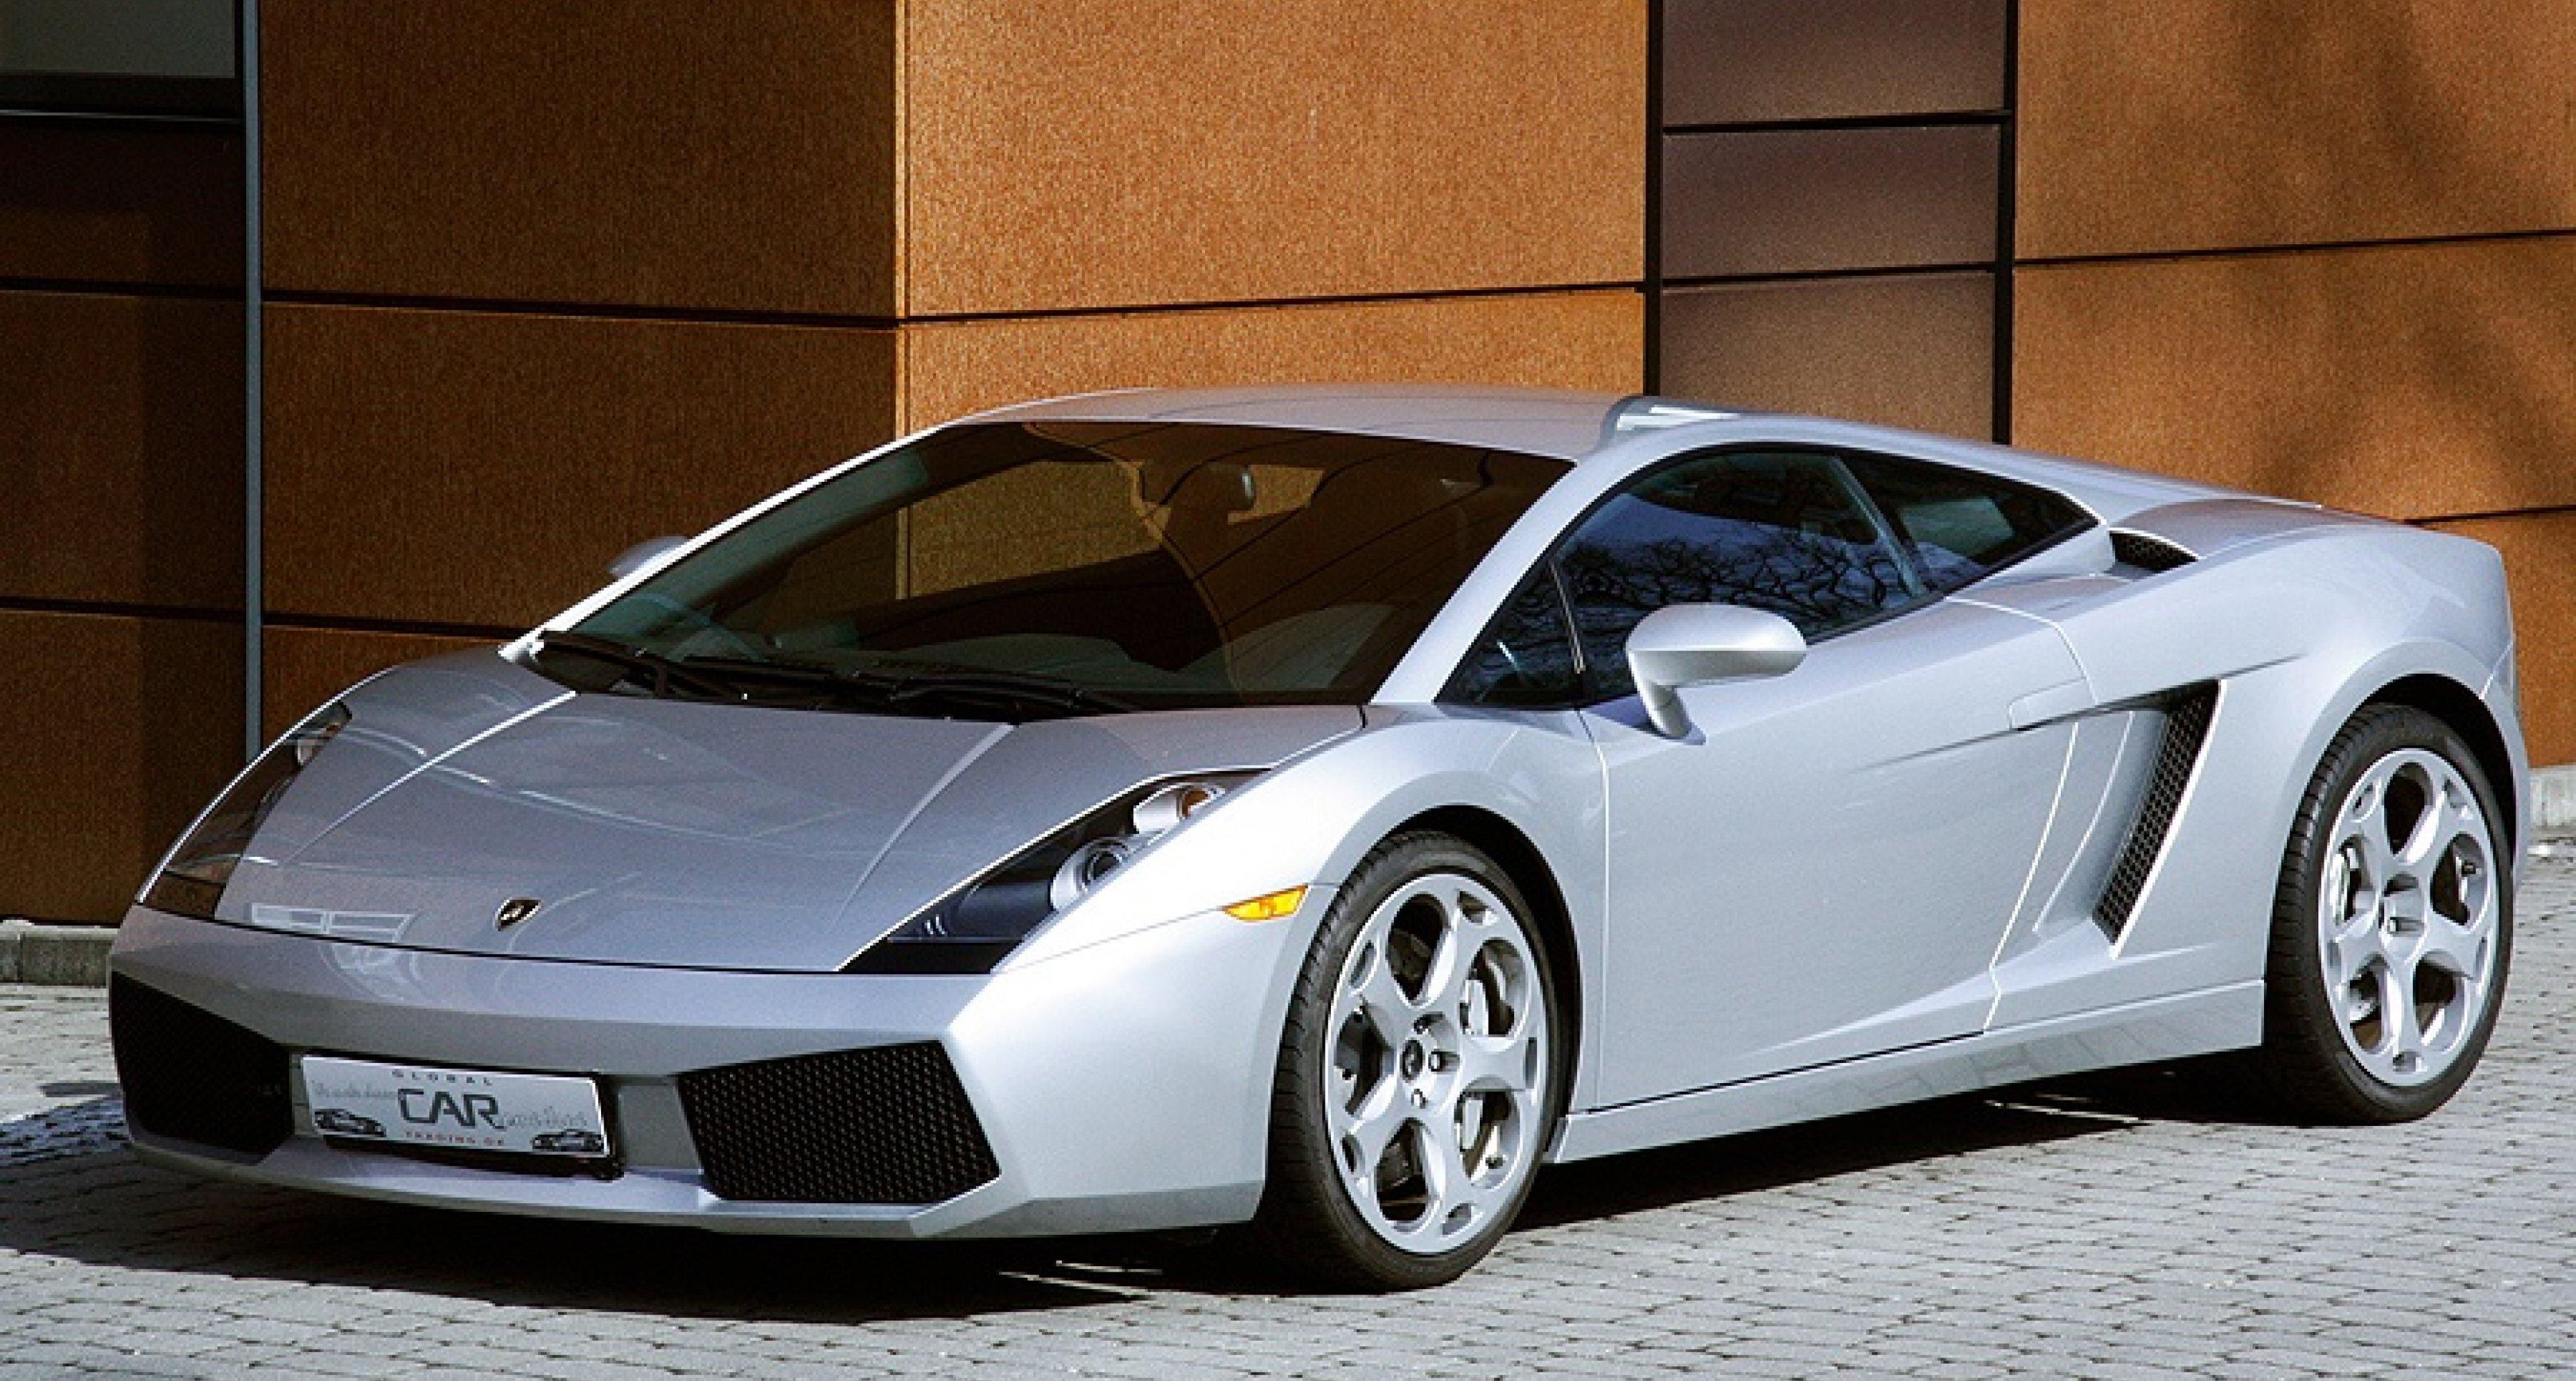 2004 Lamborghini Gallardo E-Gear